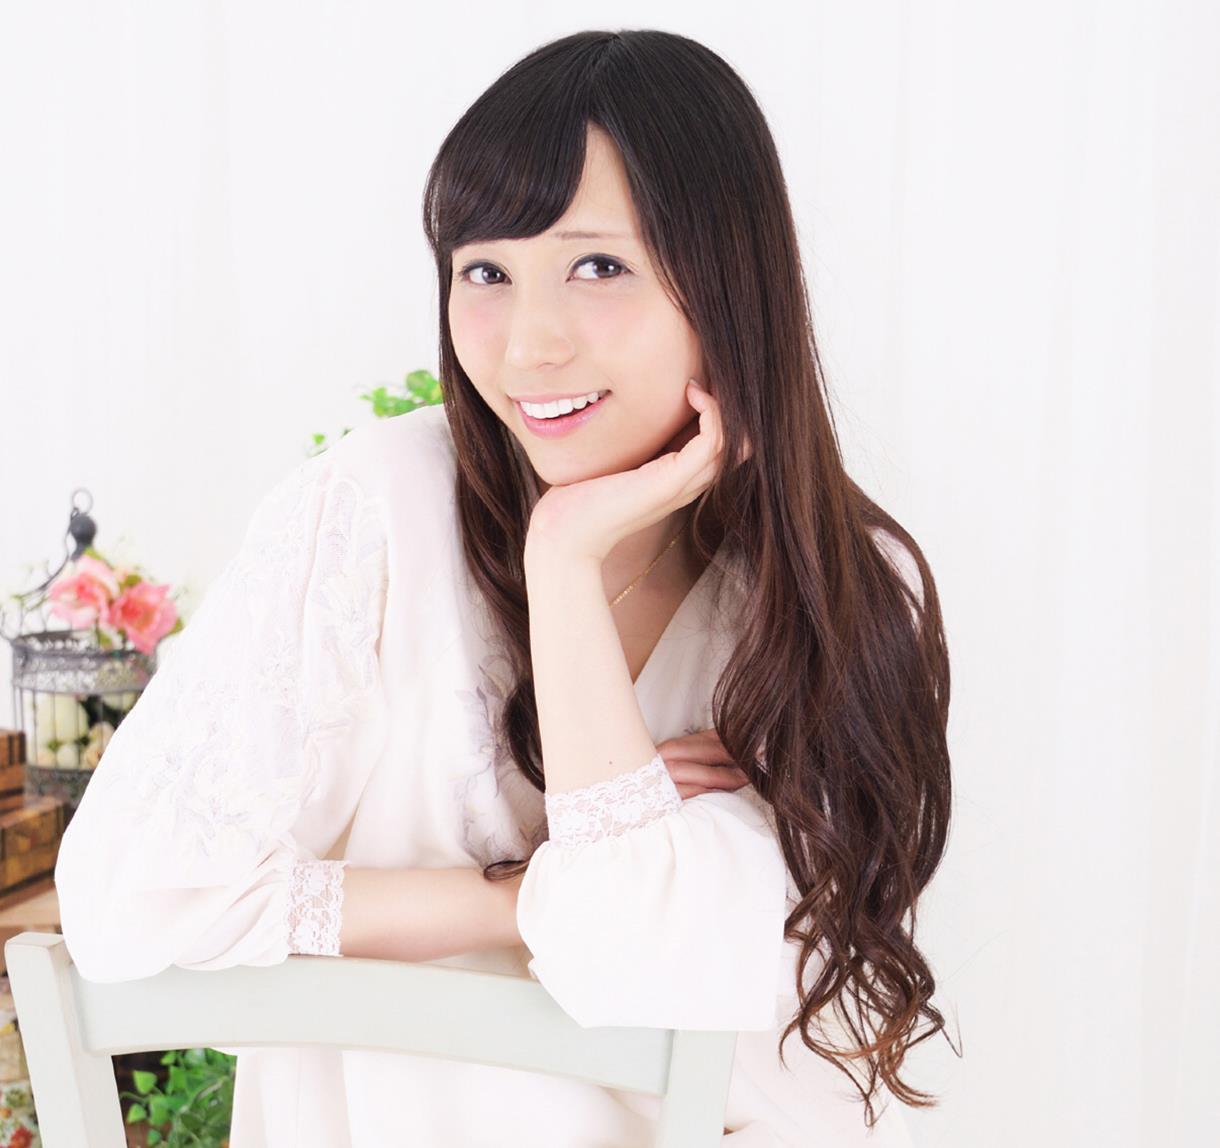 「MoeMi Birthday2018 〜ダ・カーポのふんわりスフレ〜」